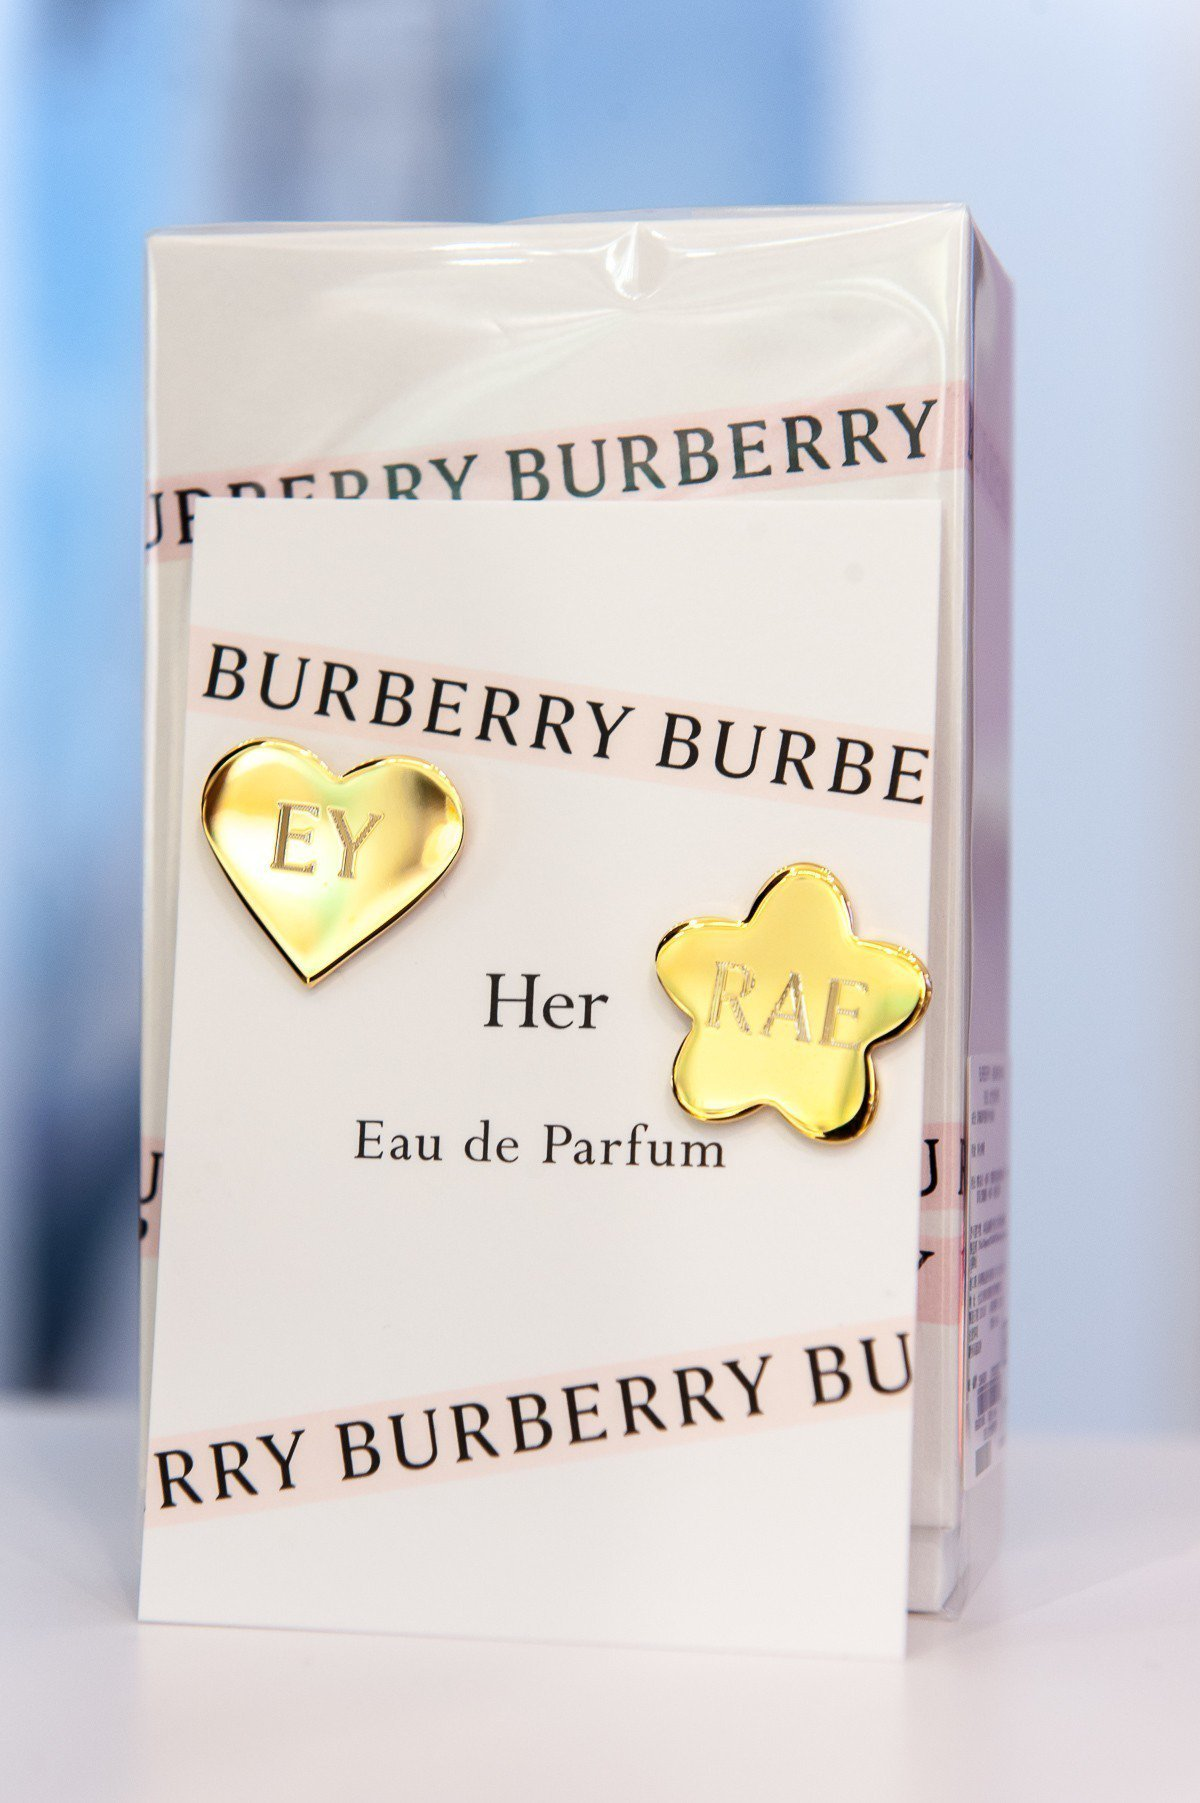 於Burberry HER迷你快閃店購買Burberry任一款香水(不含新品10...